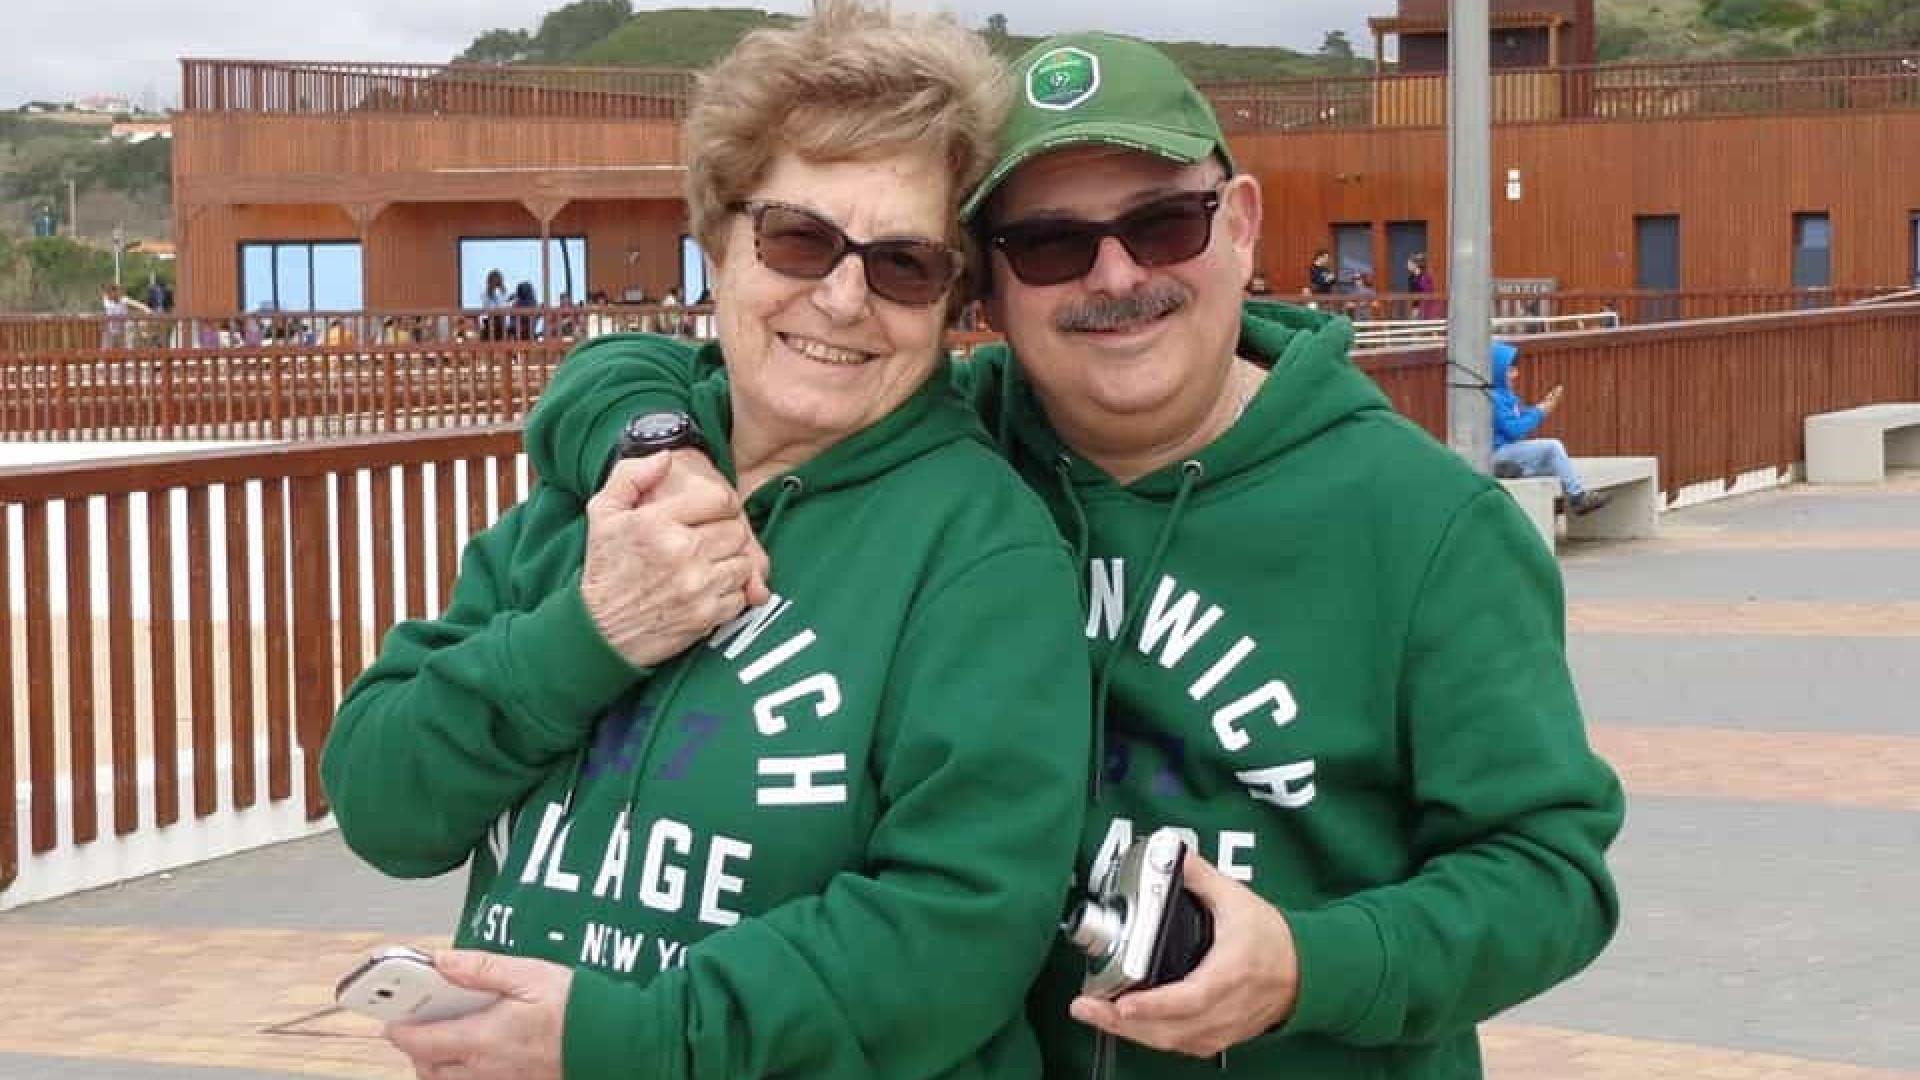 Amor de Zé e Queta foi à primeira vista e vestem-se de igual há 36 anos